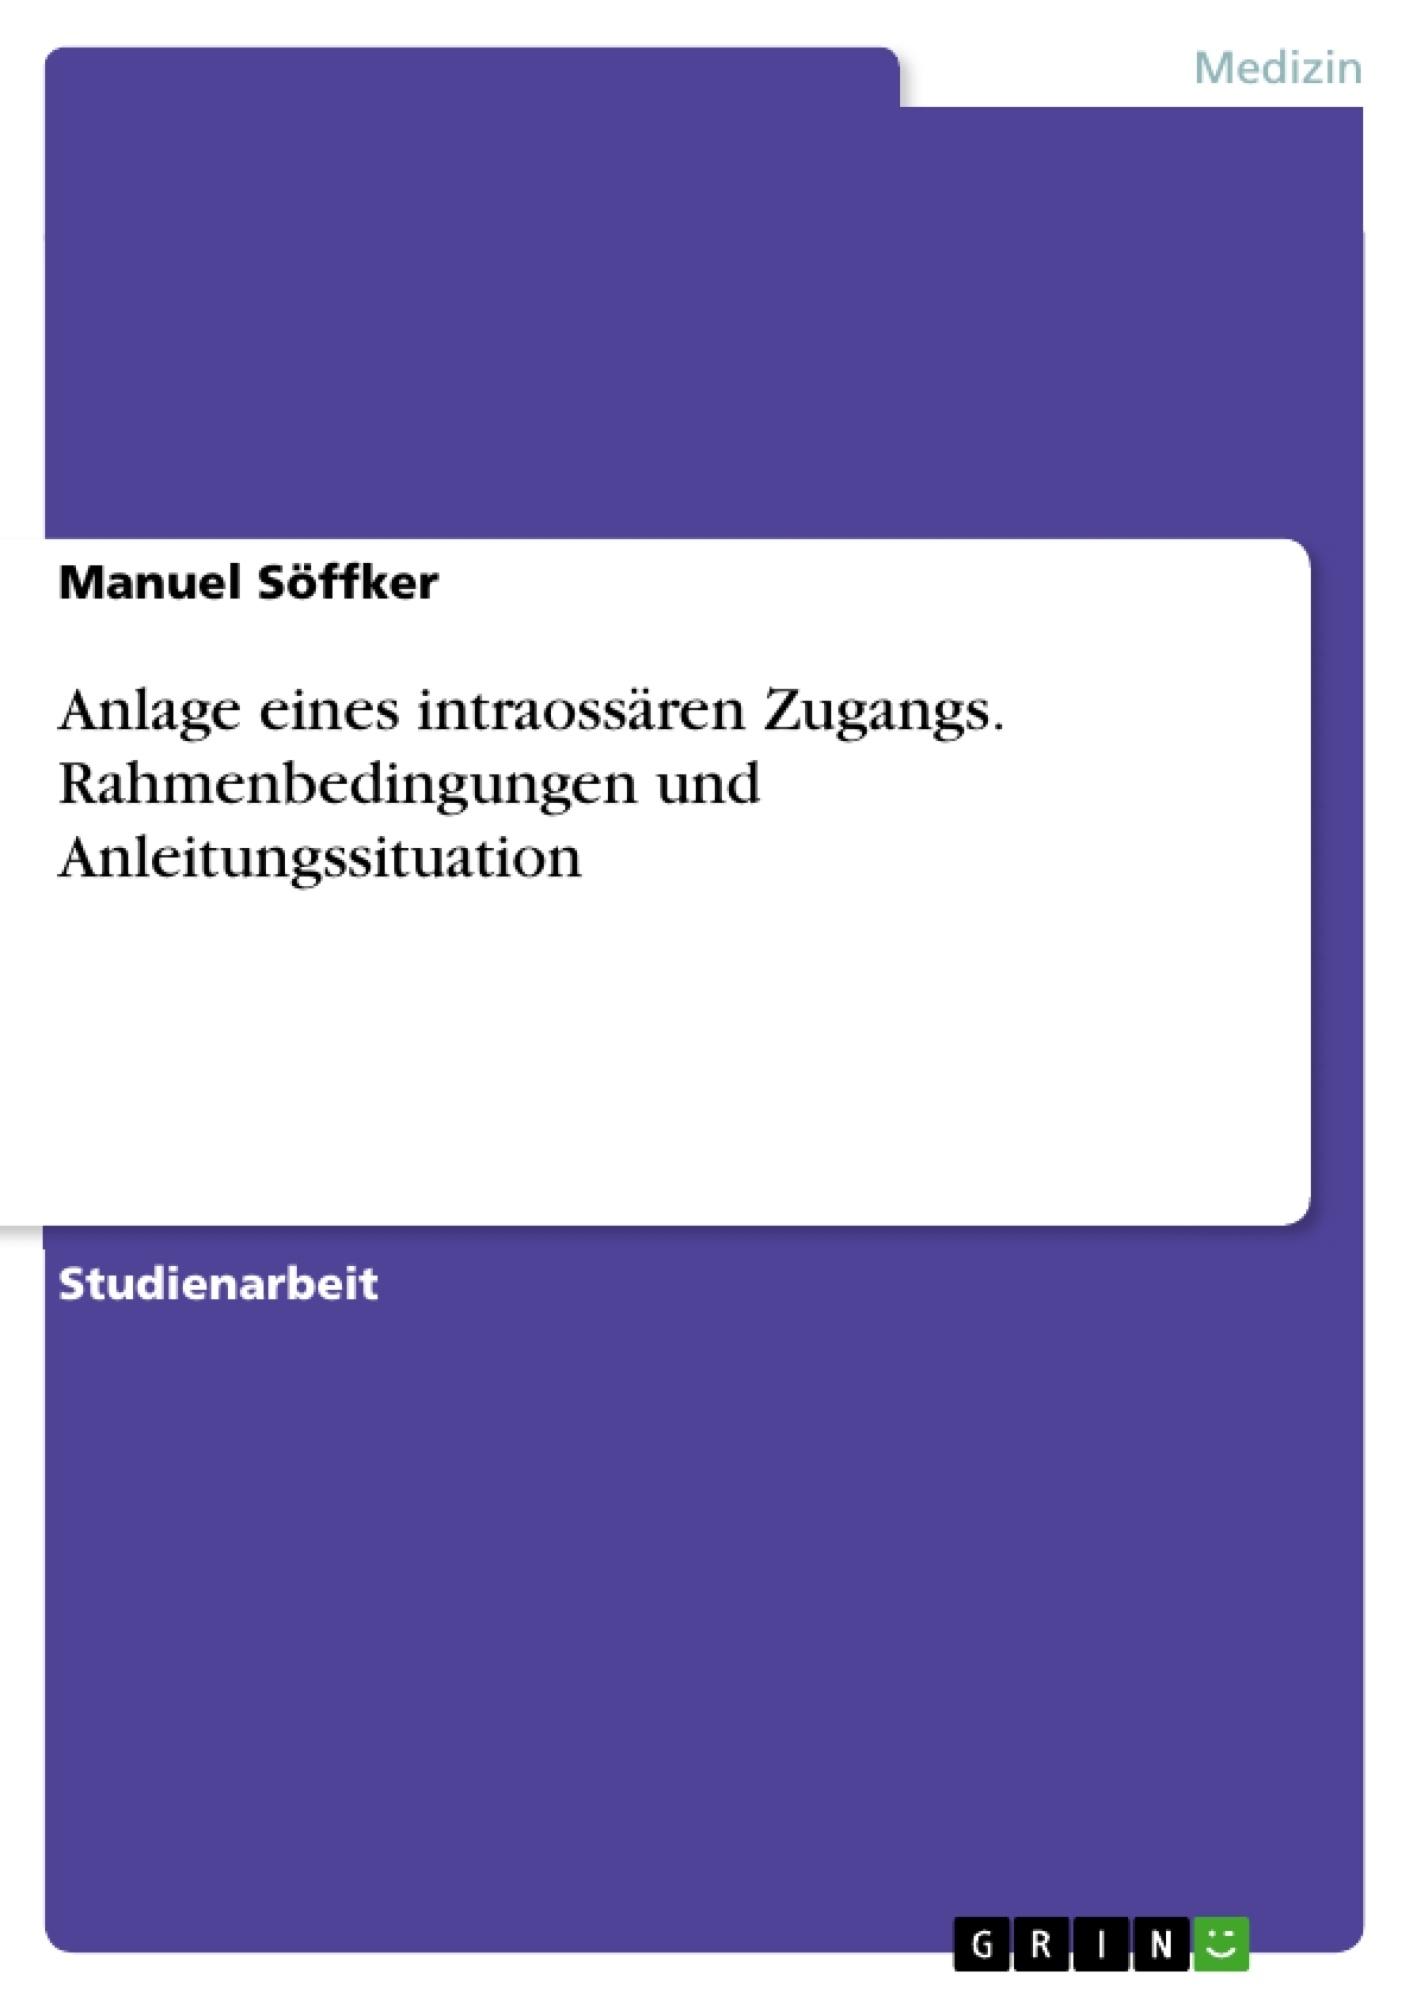 Titel: Anlage eines intraossären Zugangs. Rahmenbedingungen und Anleitungssituation